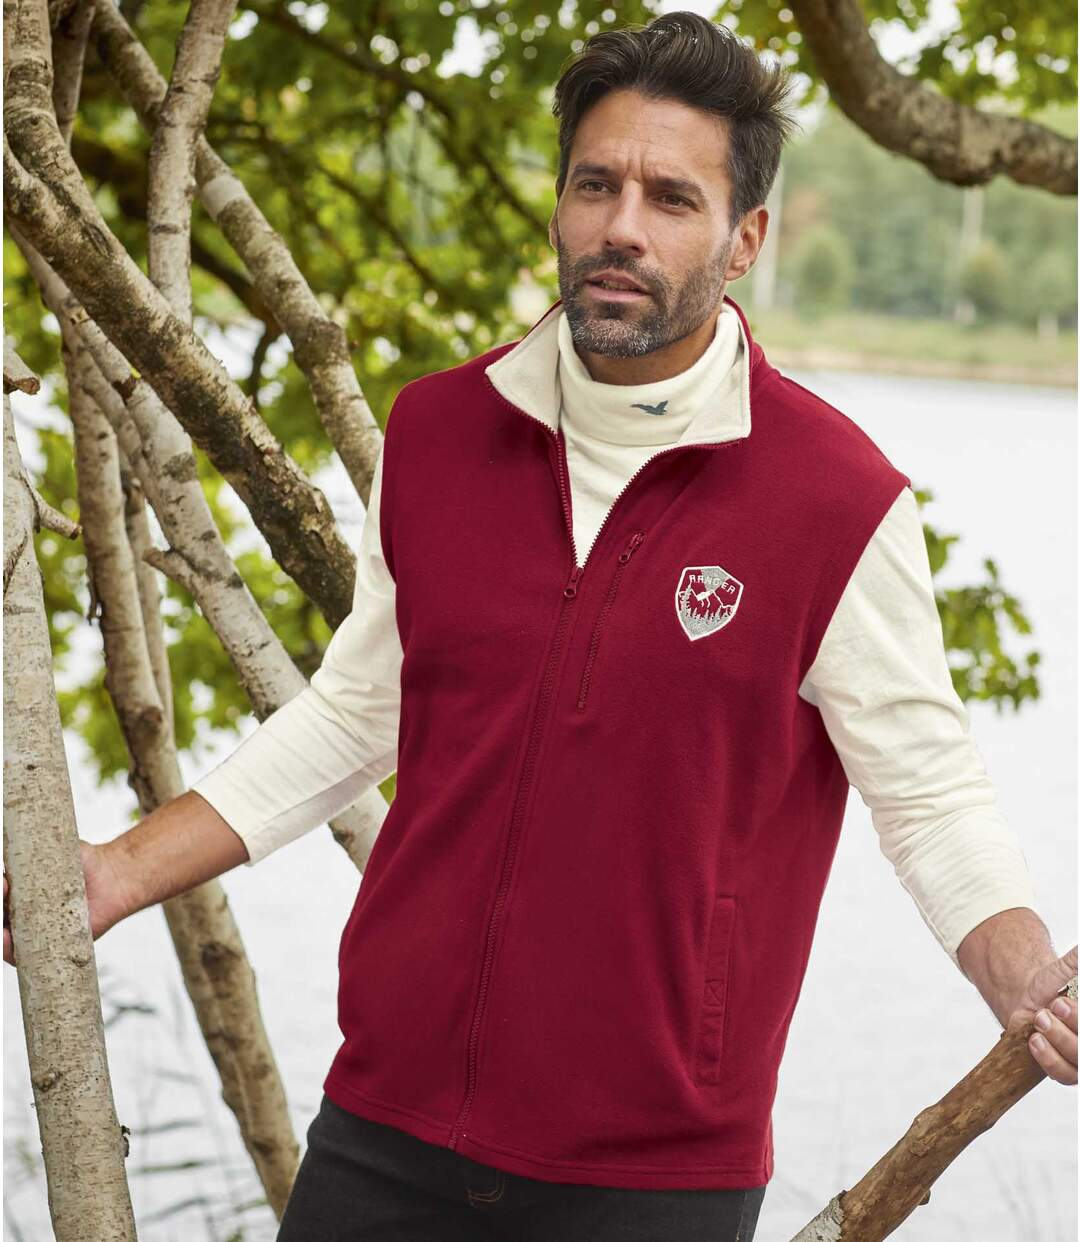 Pack of 2 Men's Microfleece Vests - Full Zip - Beige Burgundy Atlas For Men